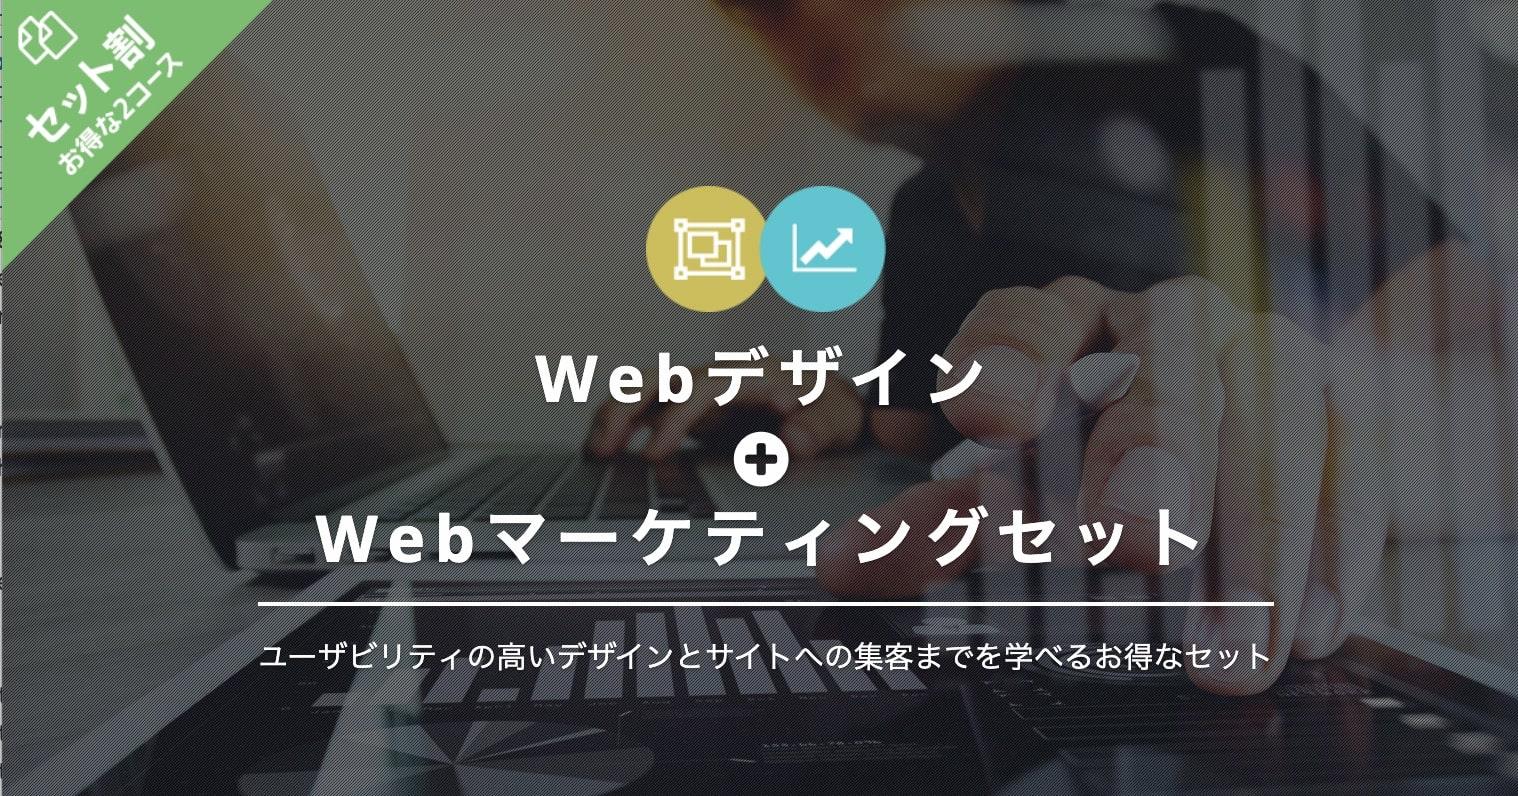 Webデザイン+Webマーケティングセットの料金|TechAcademy(テックアカデミー)2セット